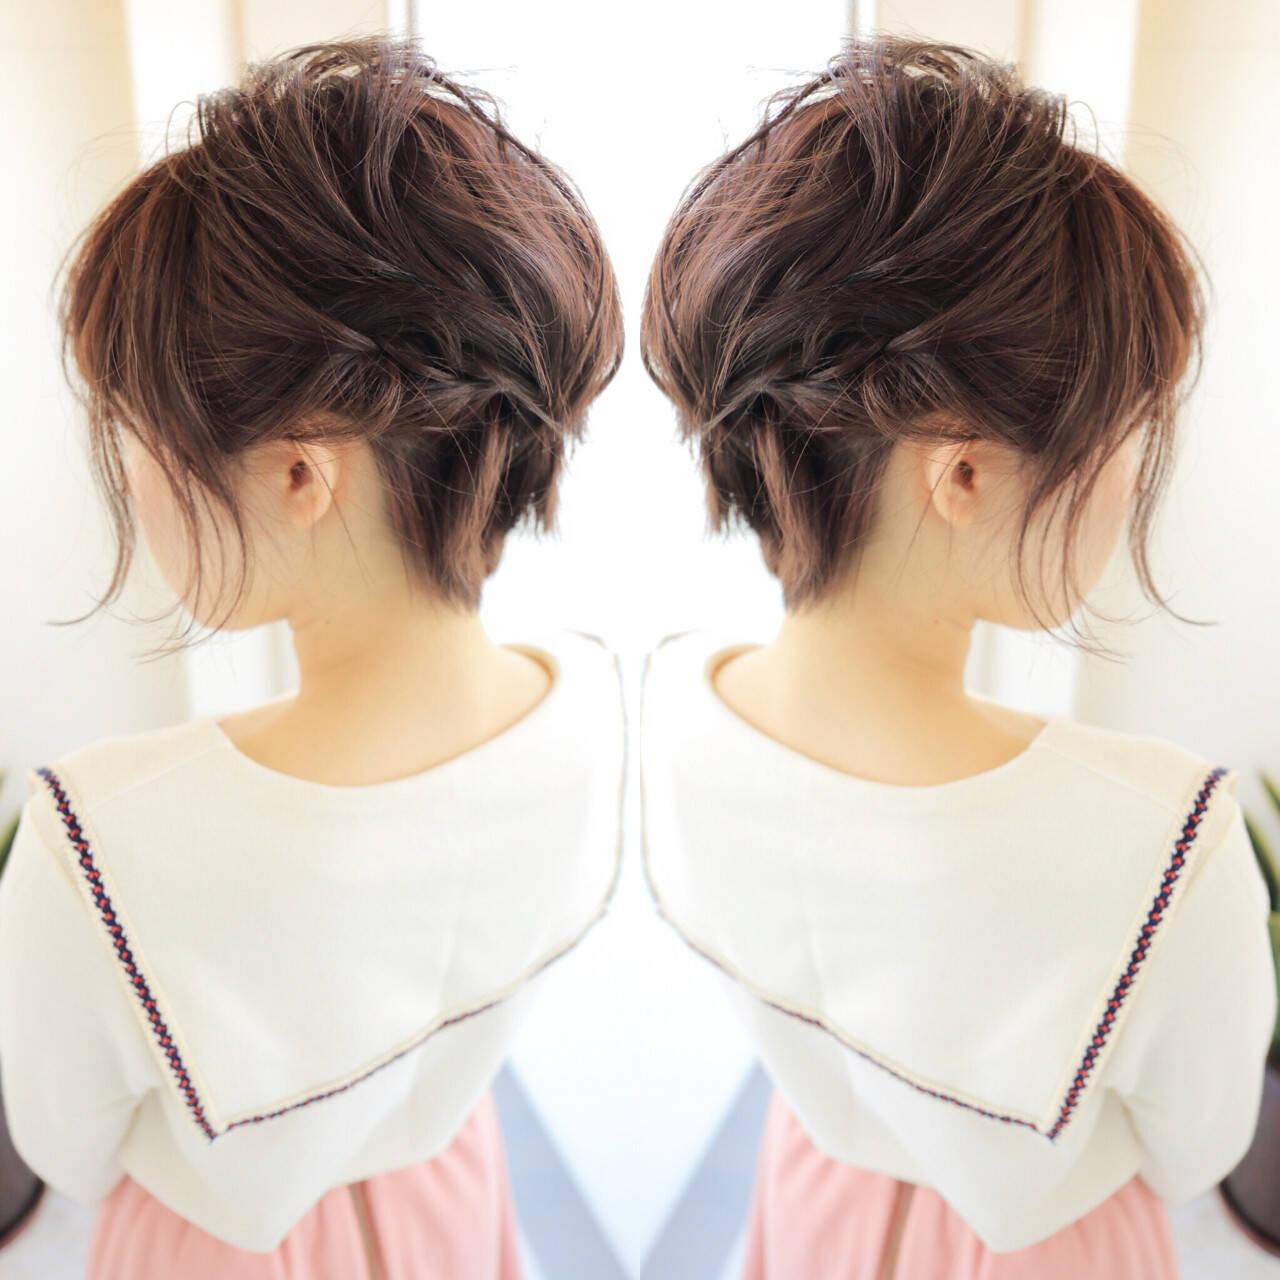 学校 フェミニン ボブ パーティヘアスタイルや髪型の写真・画像